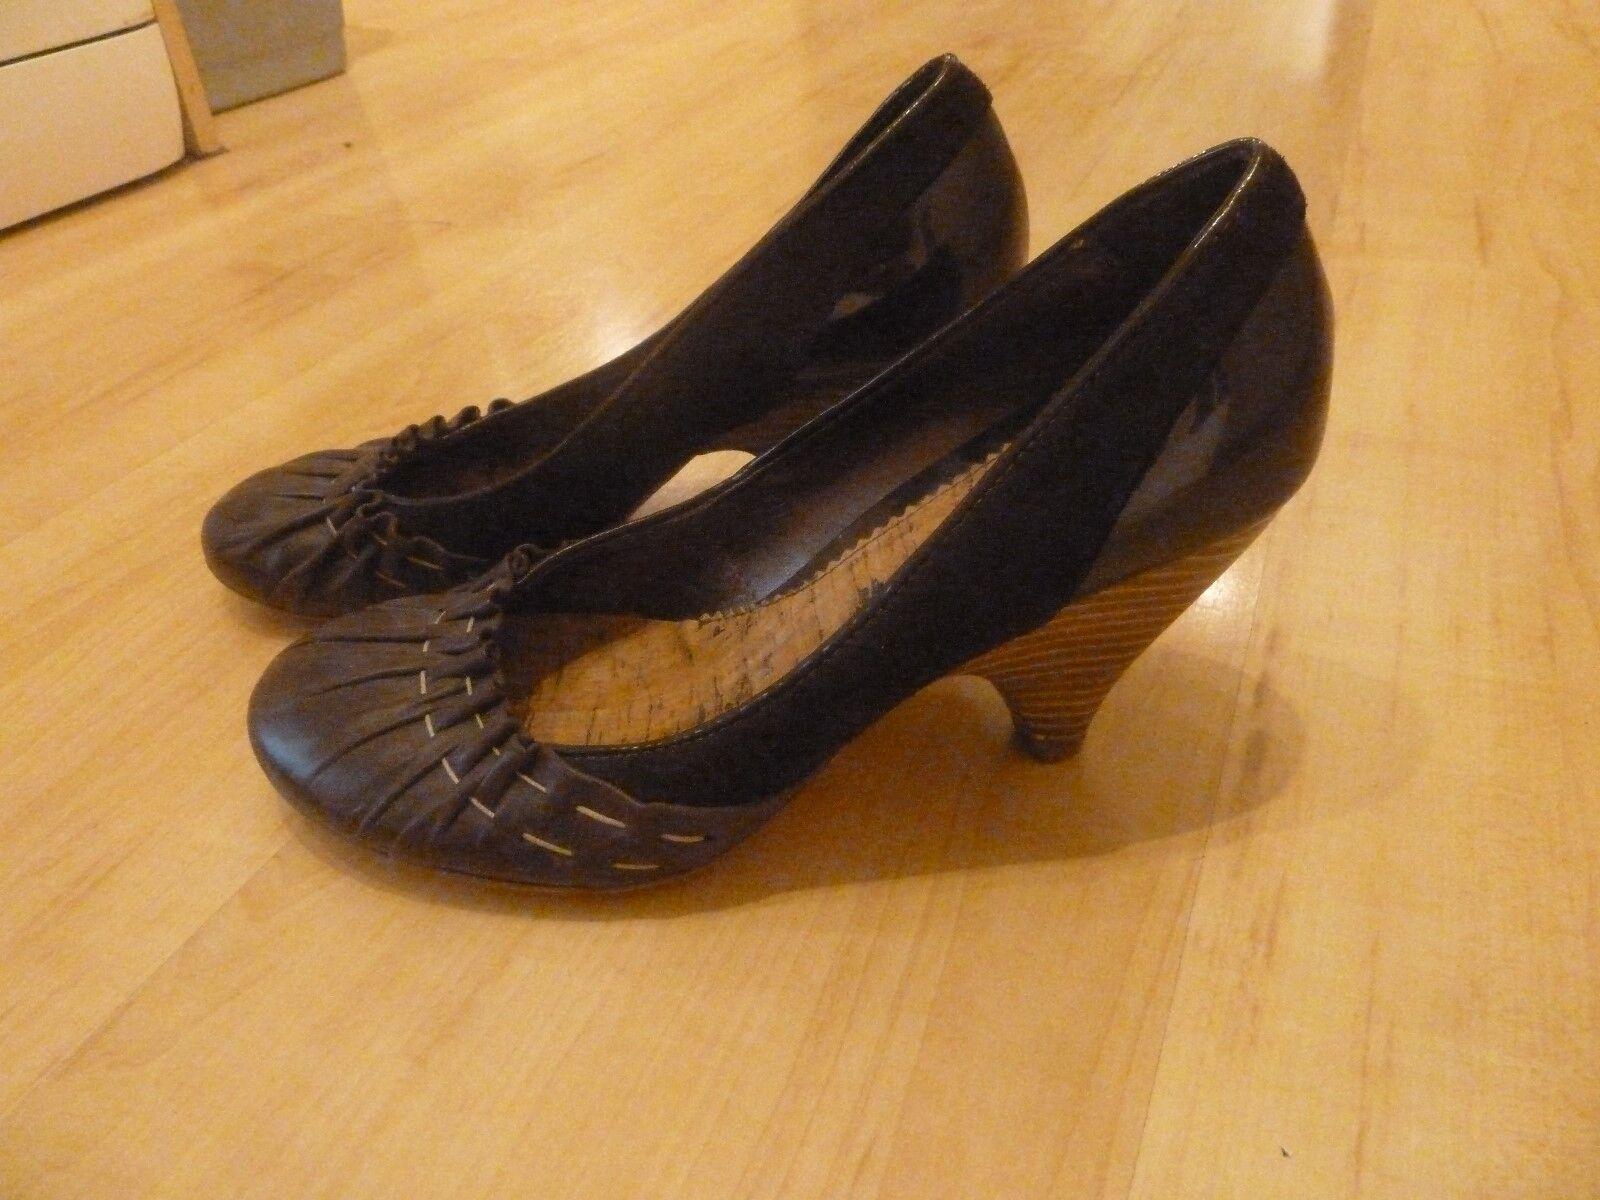 Moda jest prosta i niedroga SMH Shoes Size 5 Used